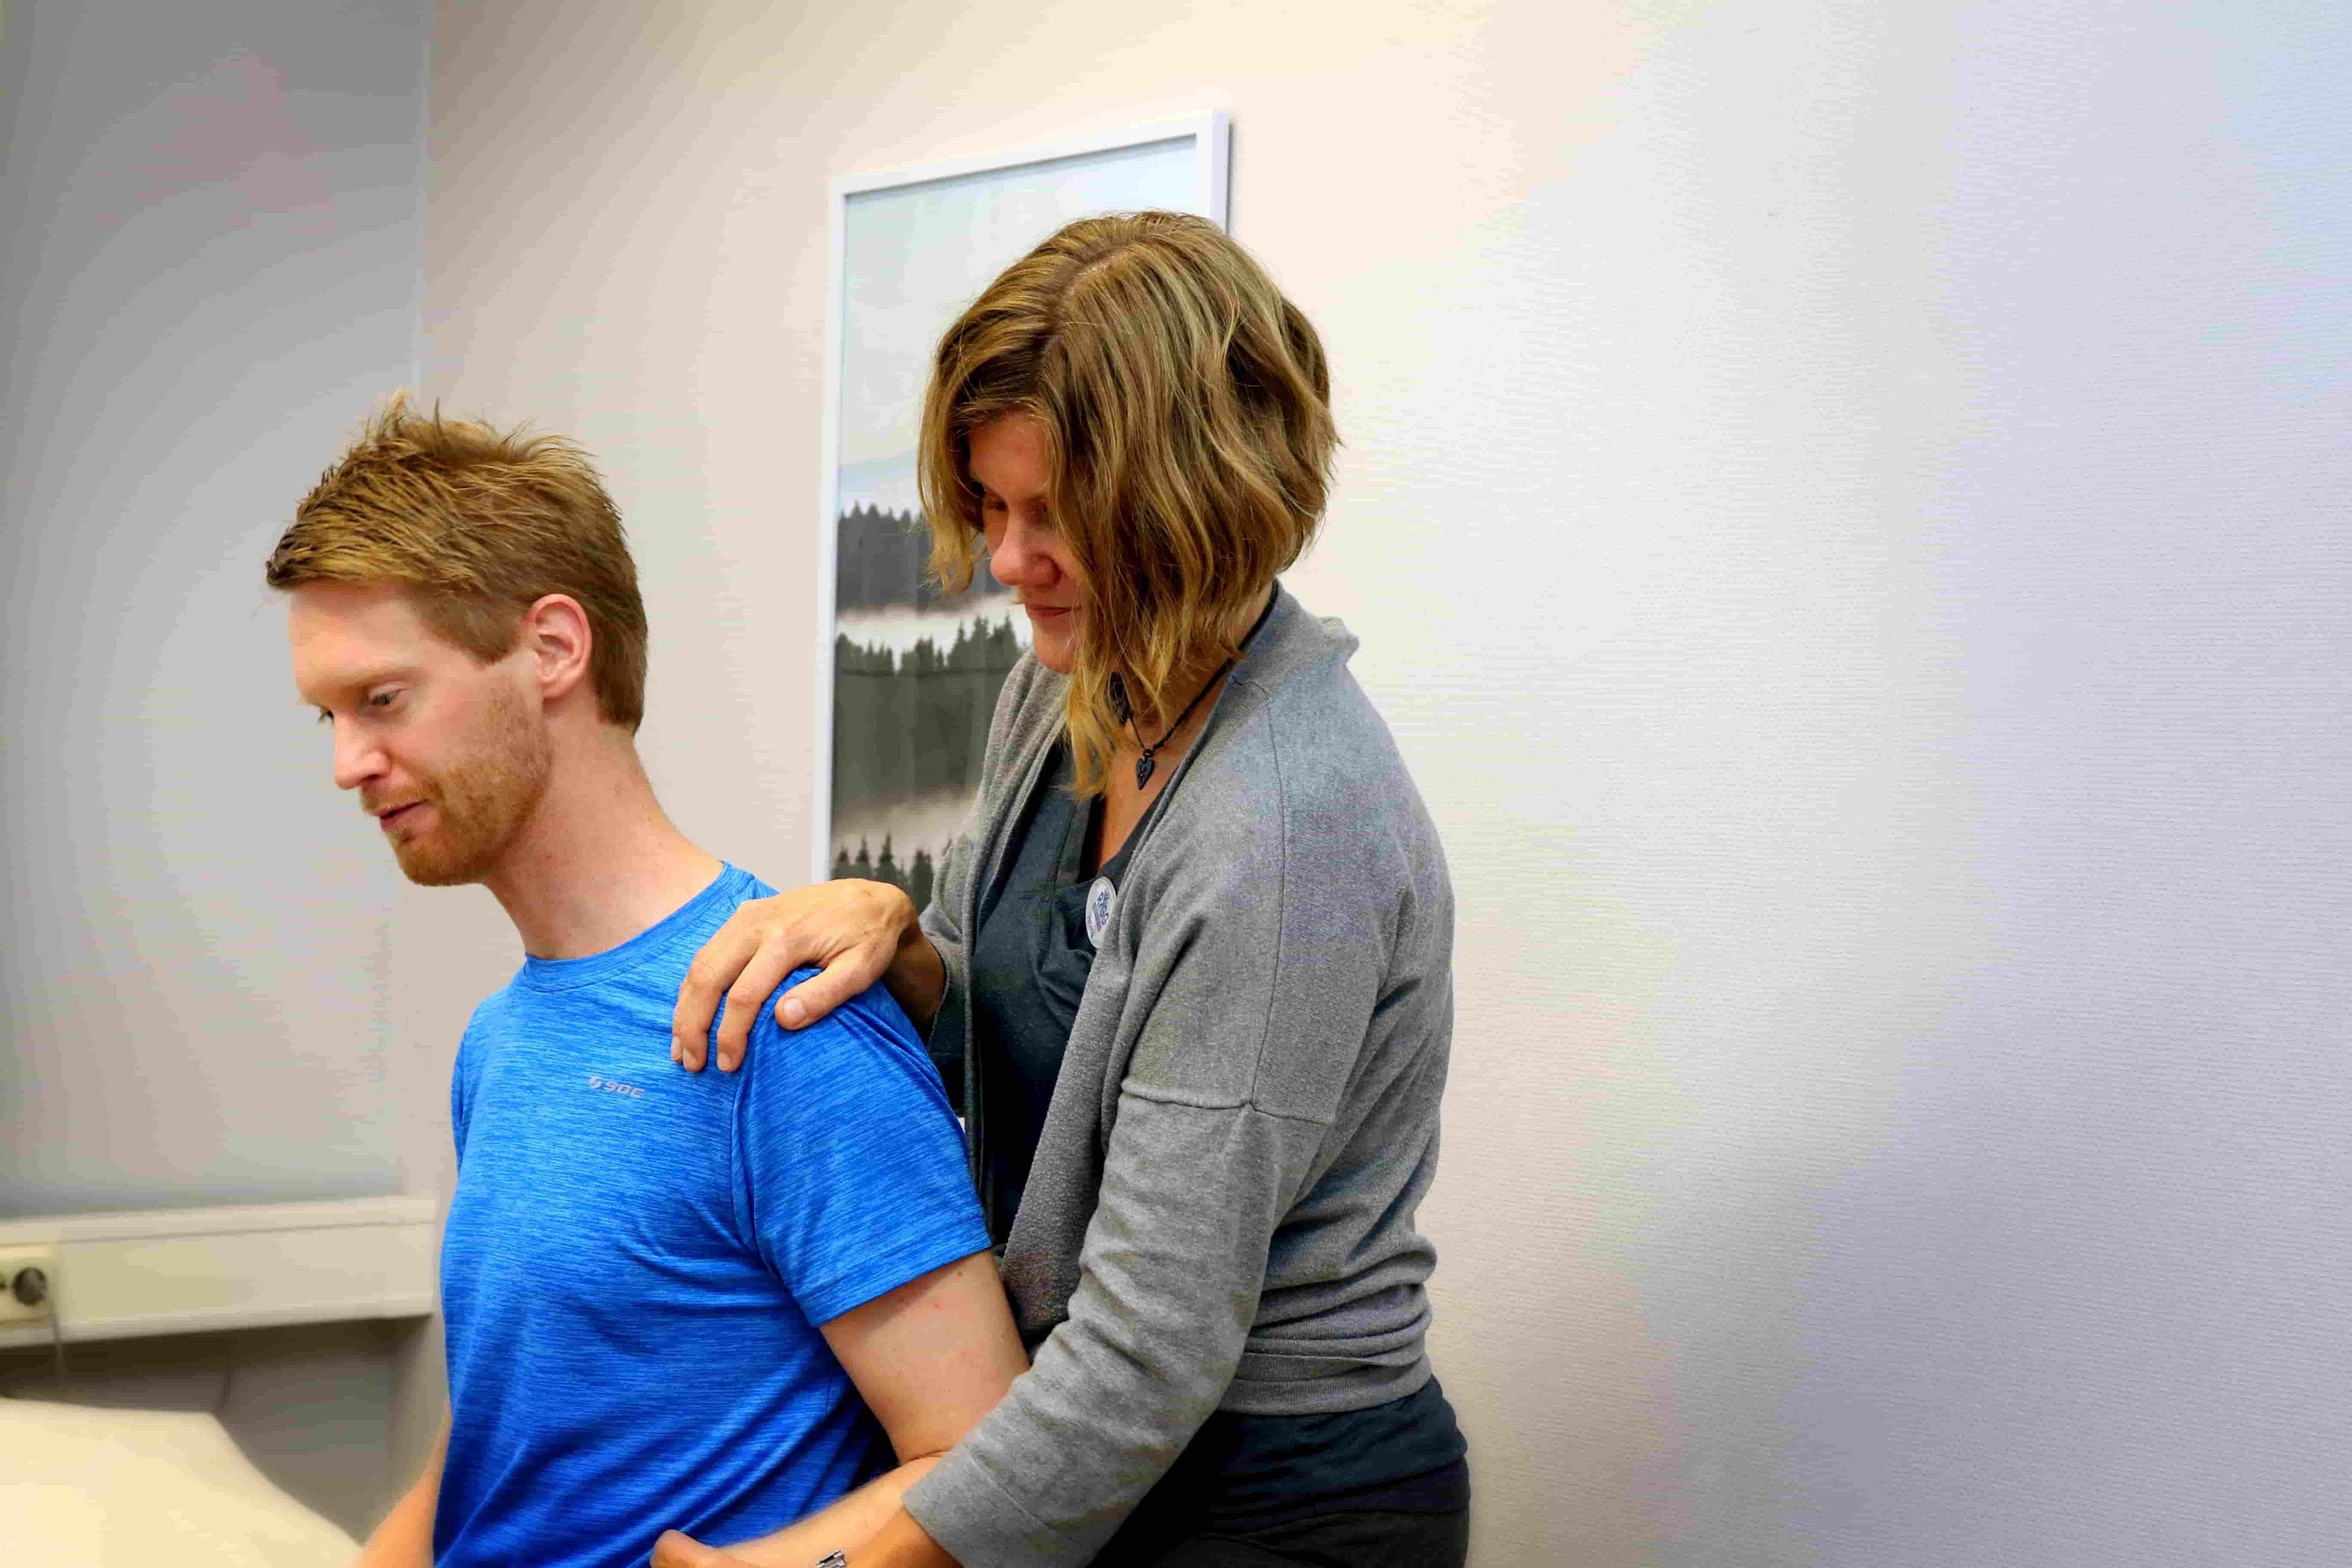 rehabilitering av experter med självreferens eller remiss av läkare